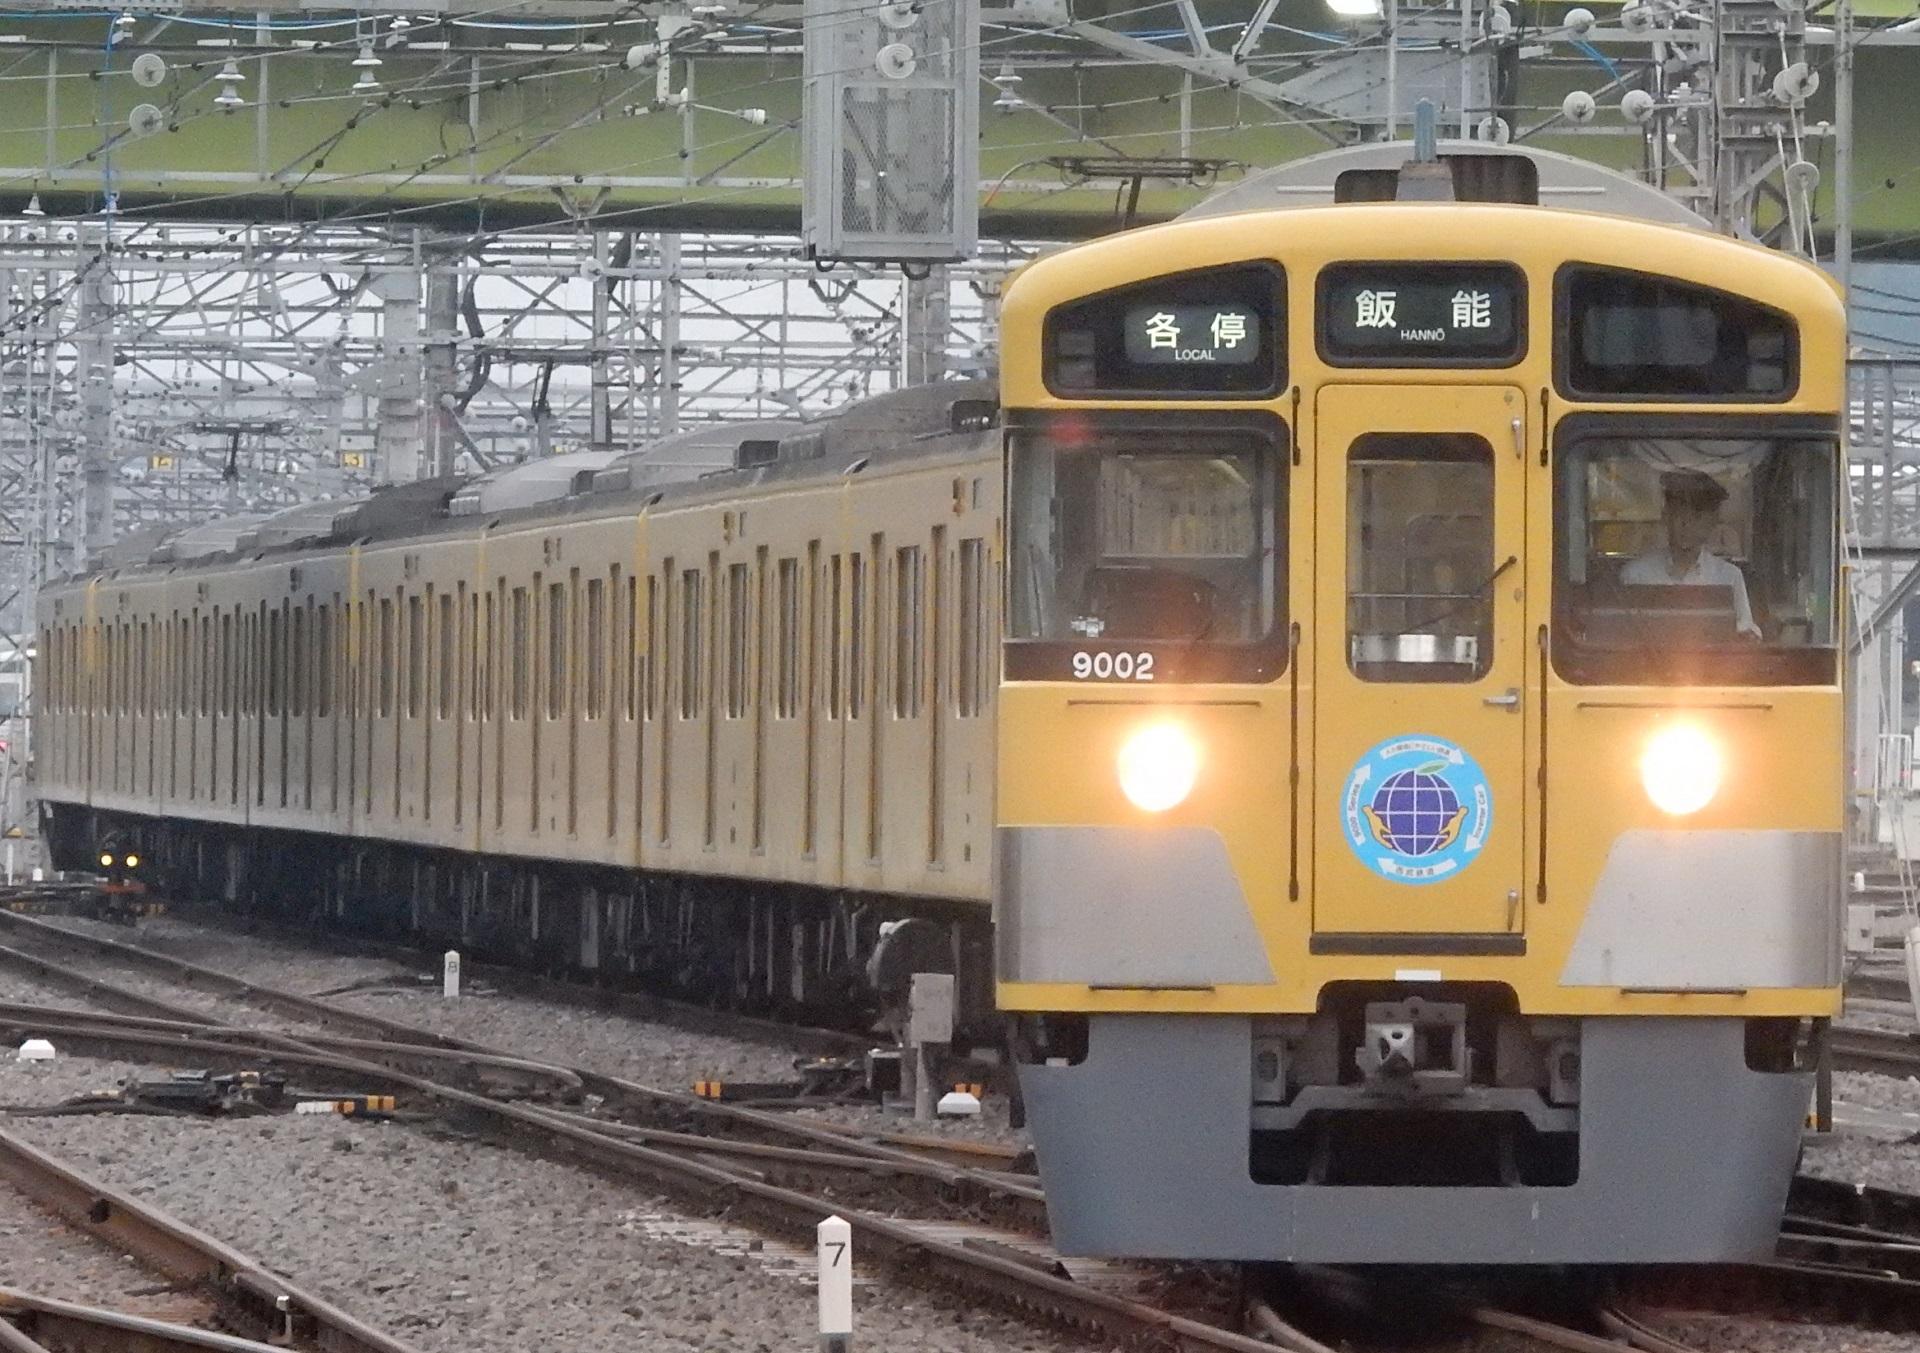 DSCN3079 - コピー